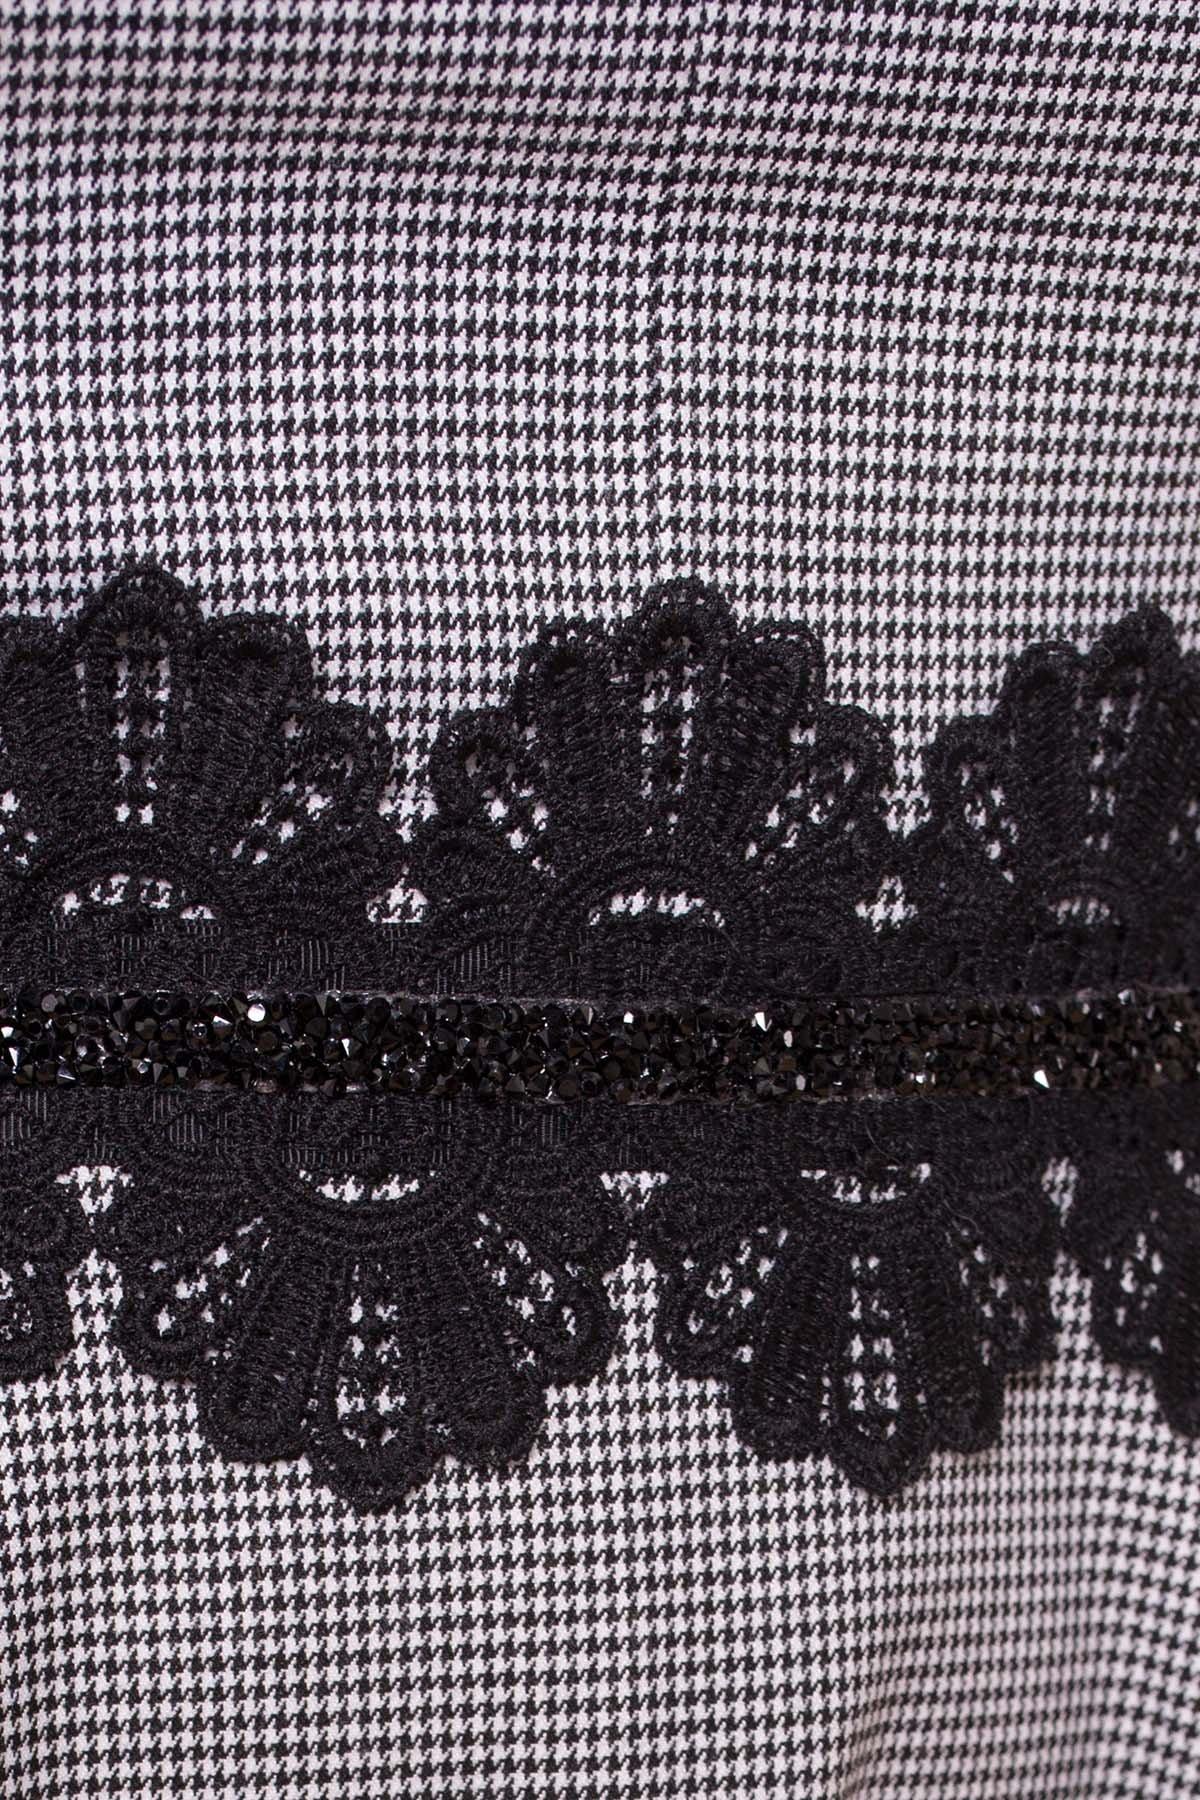 Платье с юбкой-солнце Акуна 6263 АРТ. 41029 Цвет: Черный/белый2/1 Гусин лап - фото 4, интернет магазин tm-modus.ru